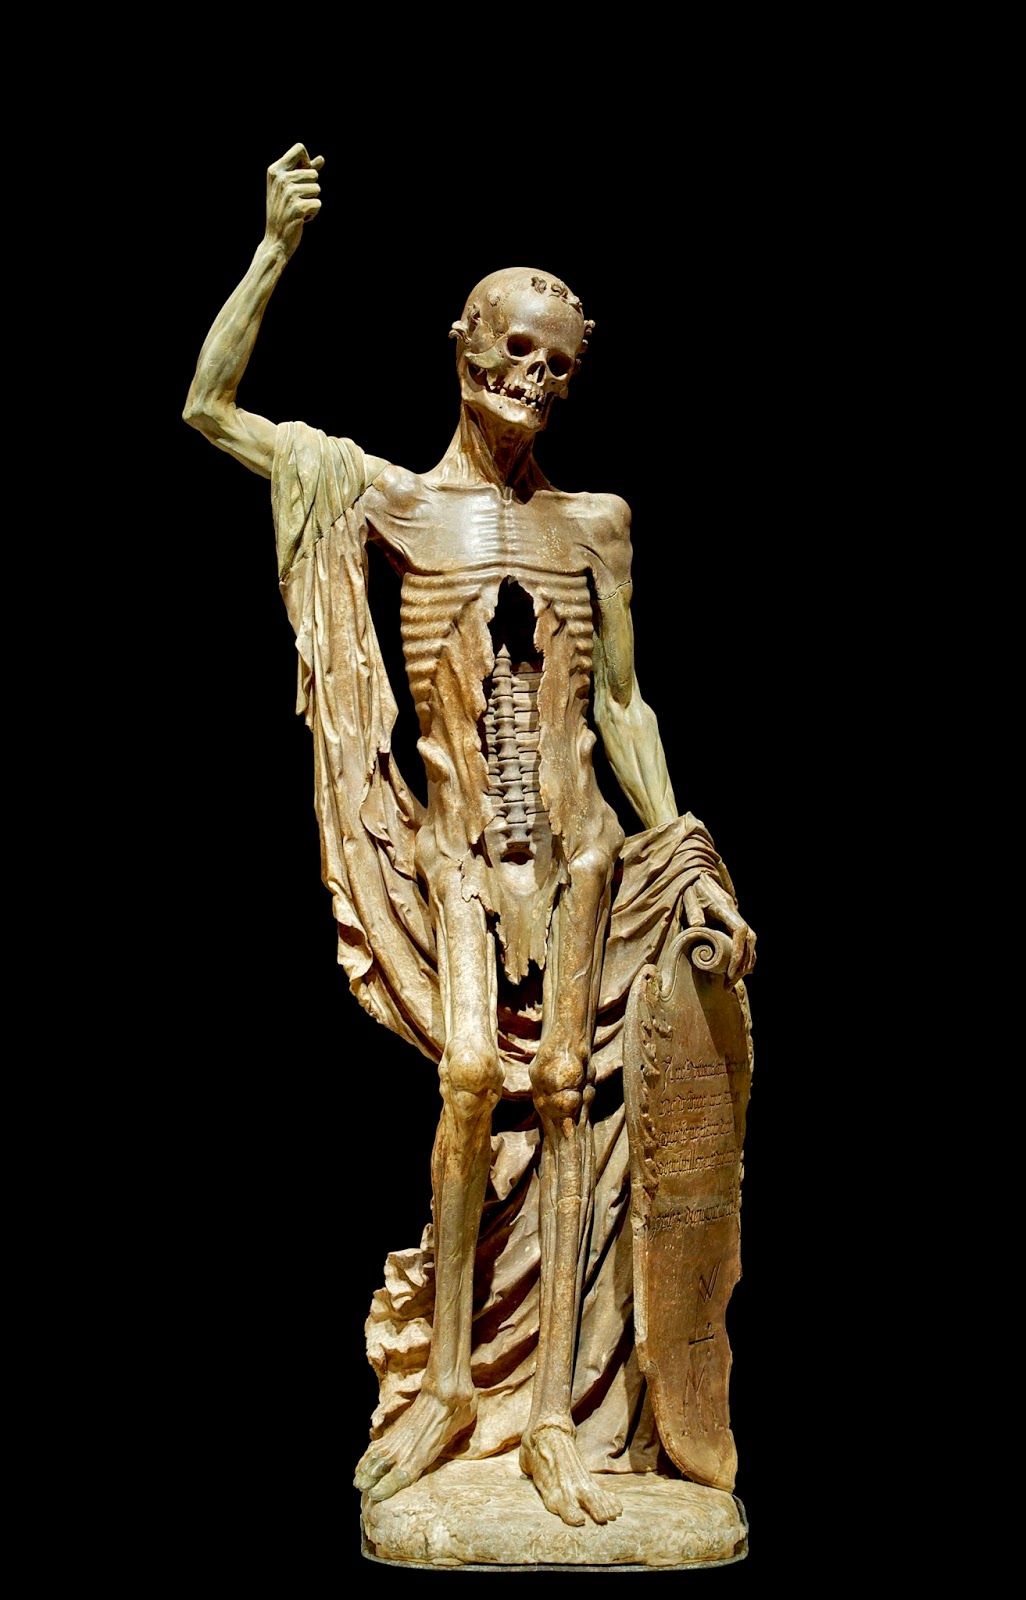 Danse Macabre at the Chaise-Dieu, circa 1470.